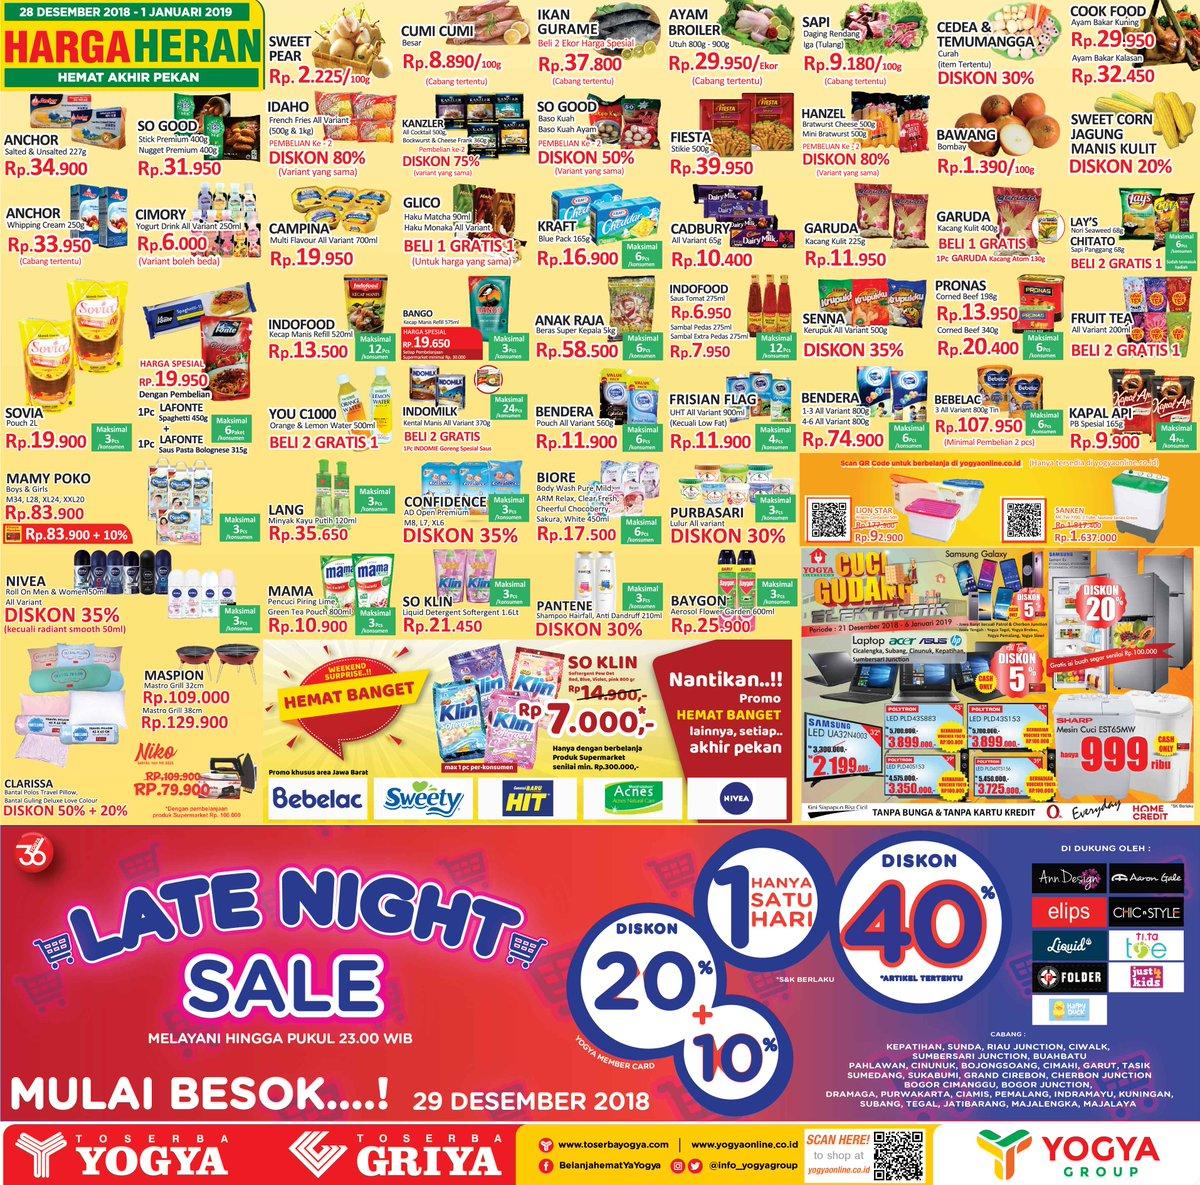 #Yogya - Promo Katalog Harga Heran Periode 28 - 01 Januari 2018